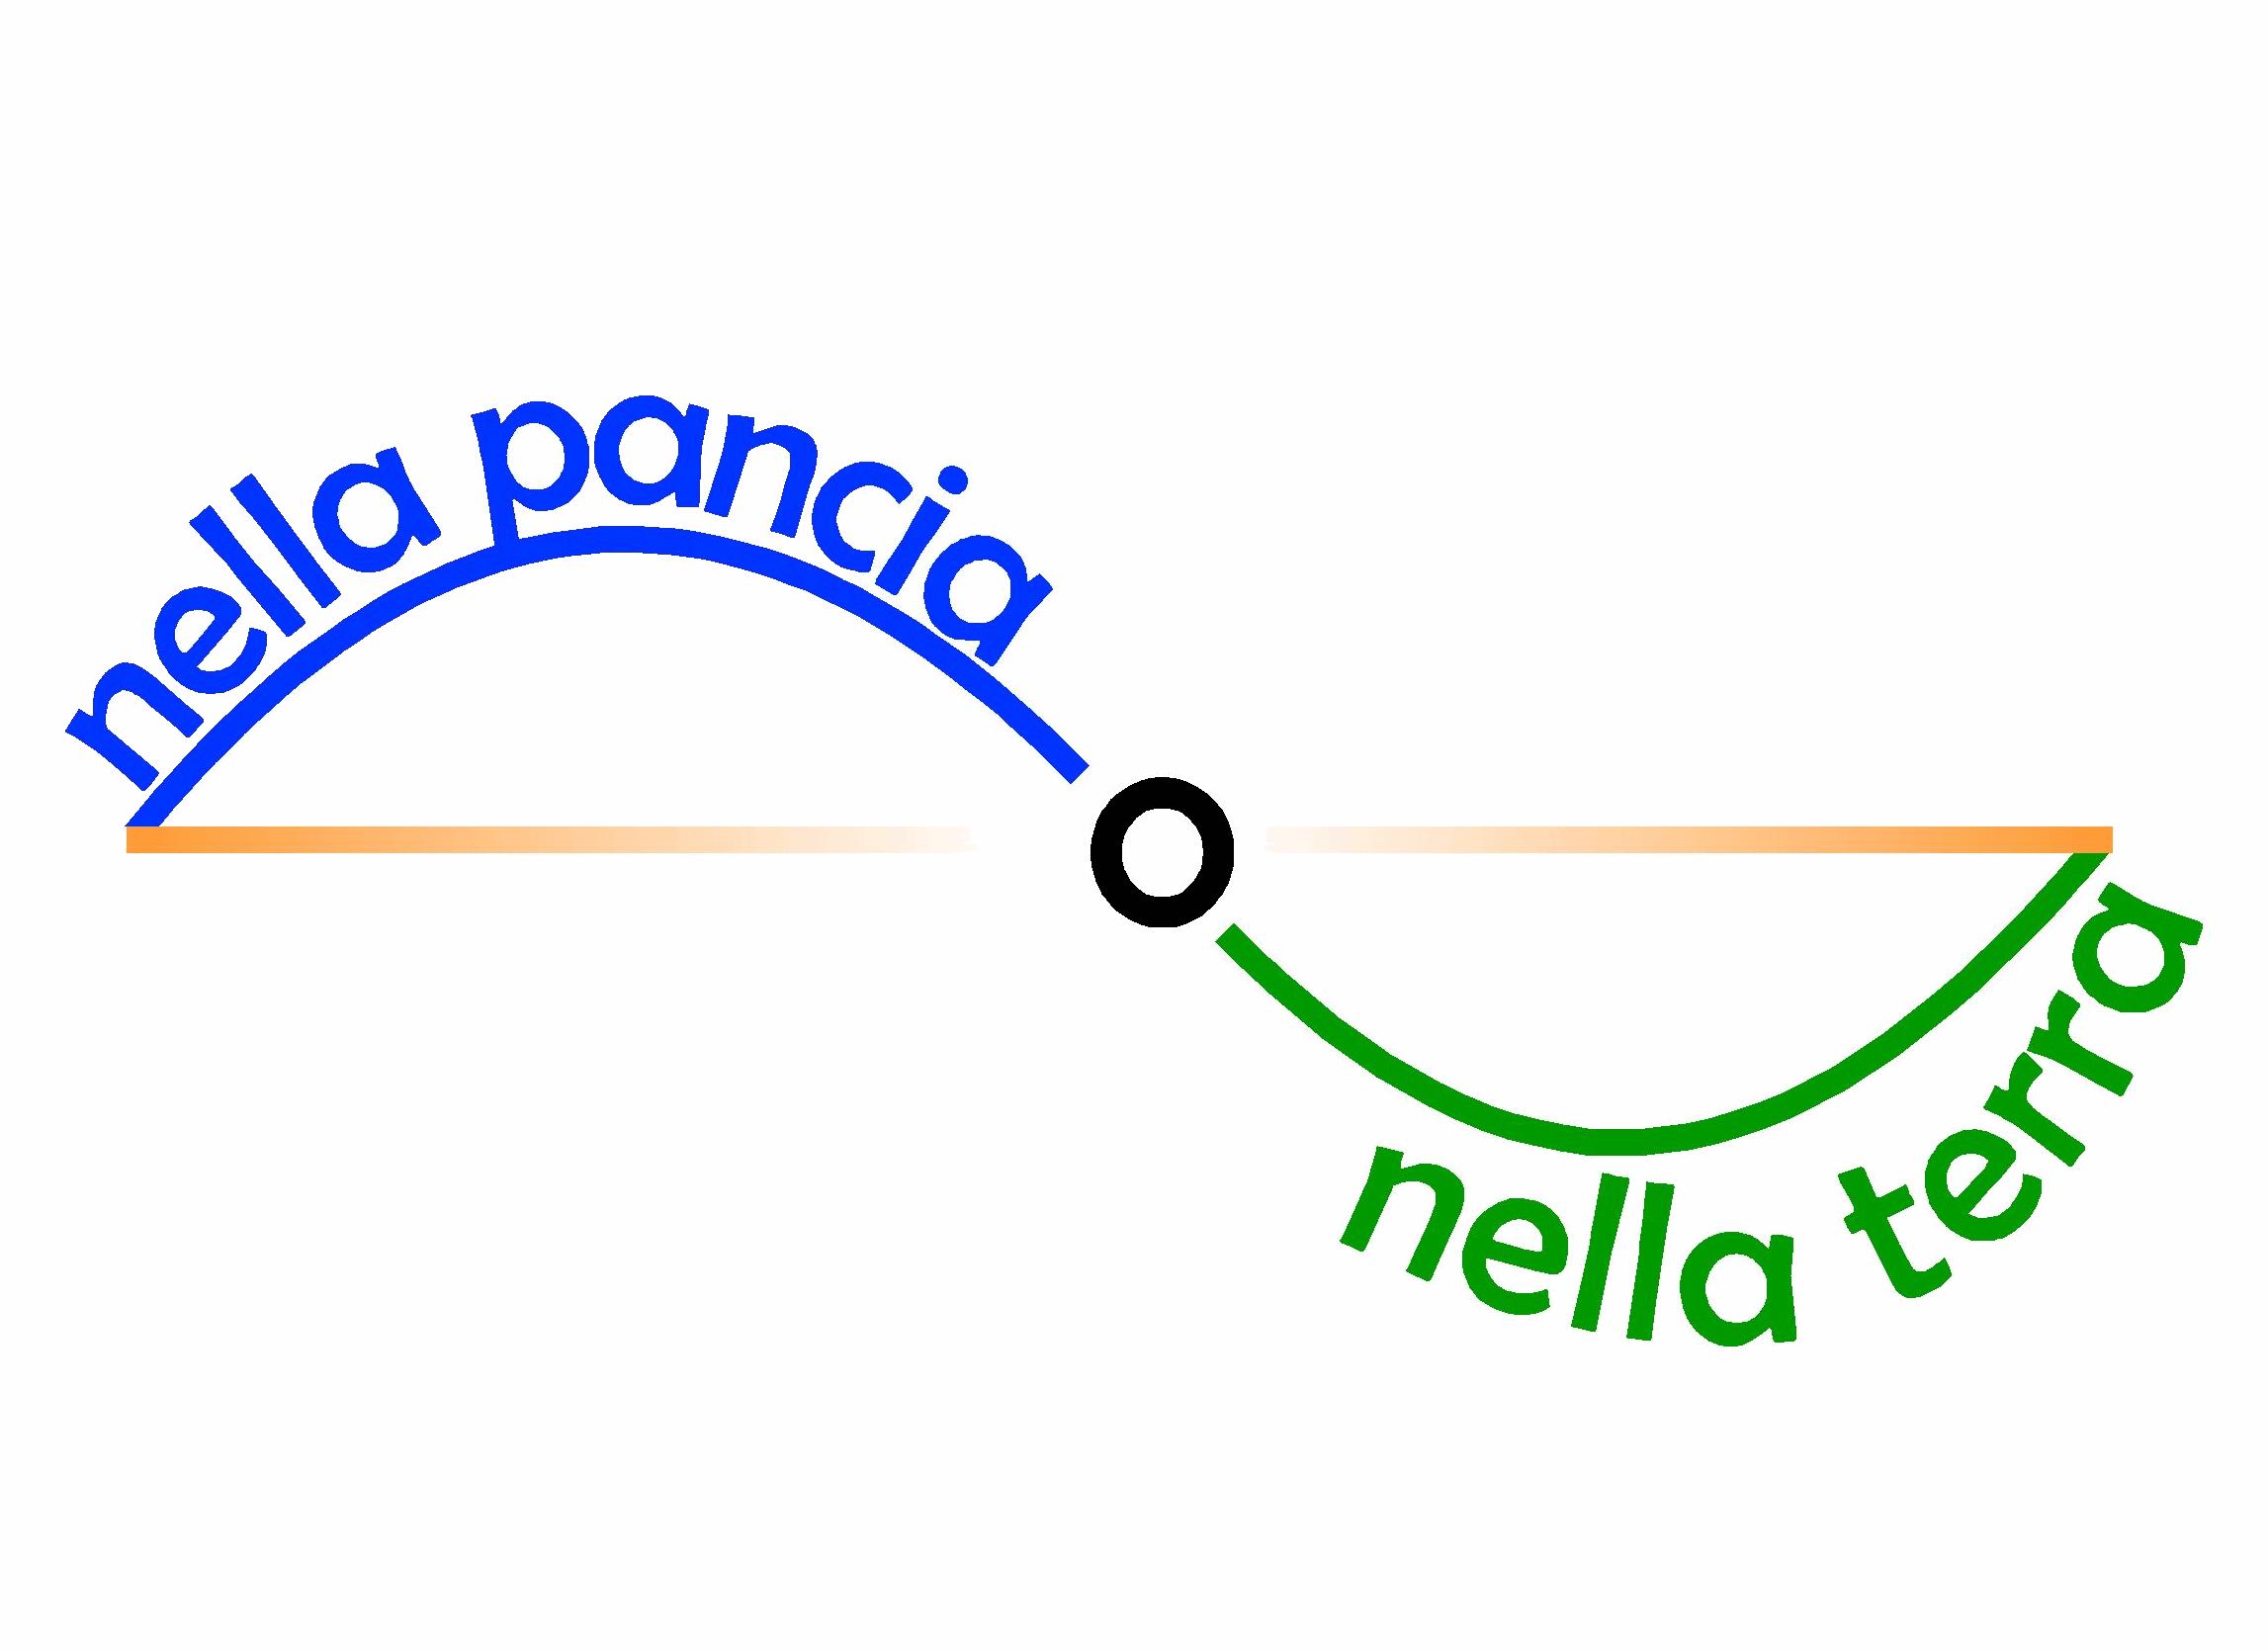 NELLA PANCIA O NELLA TERRA